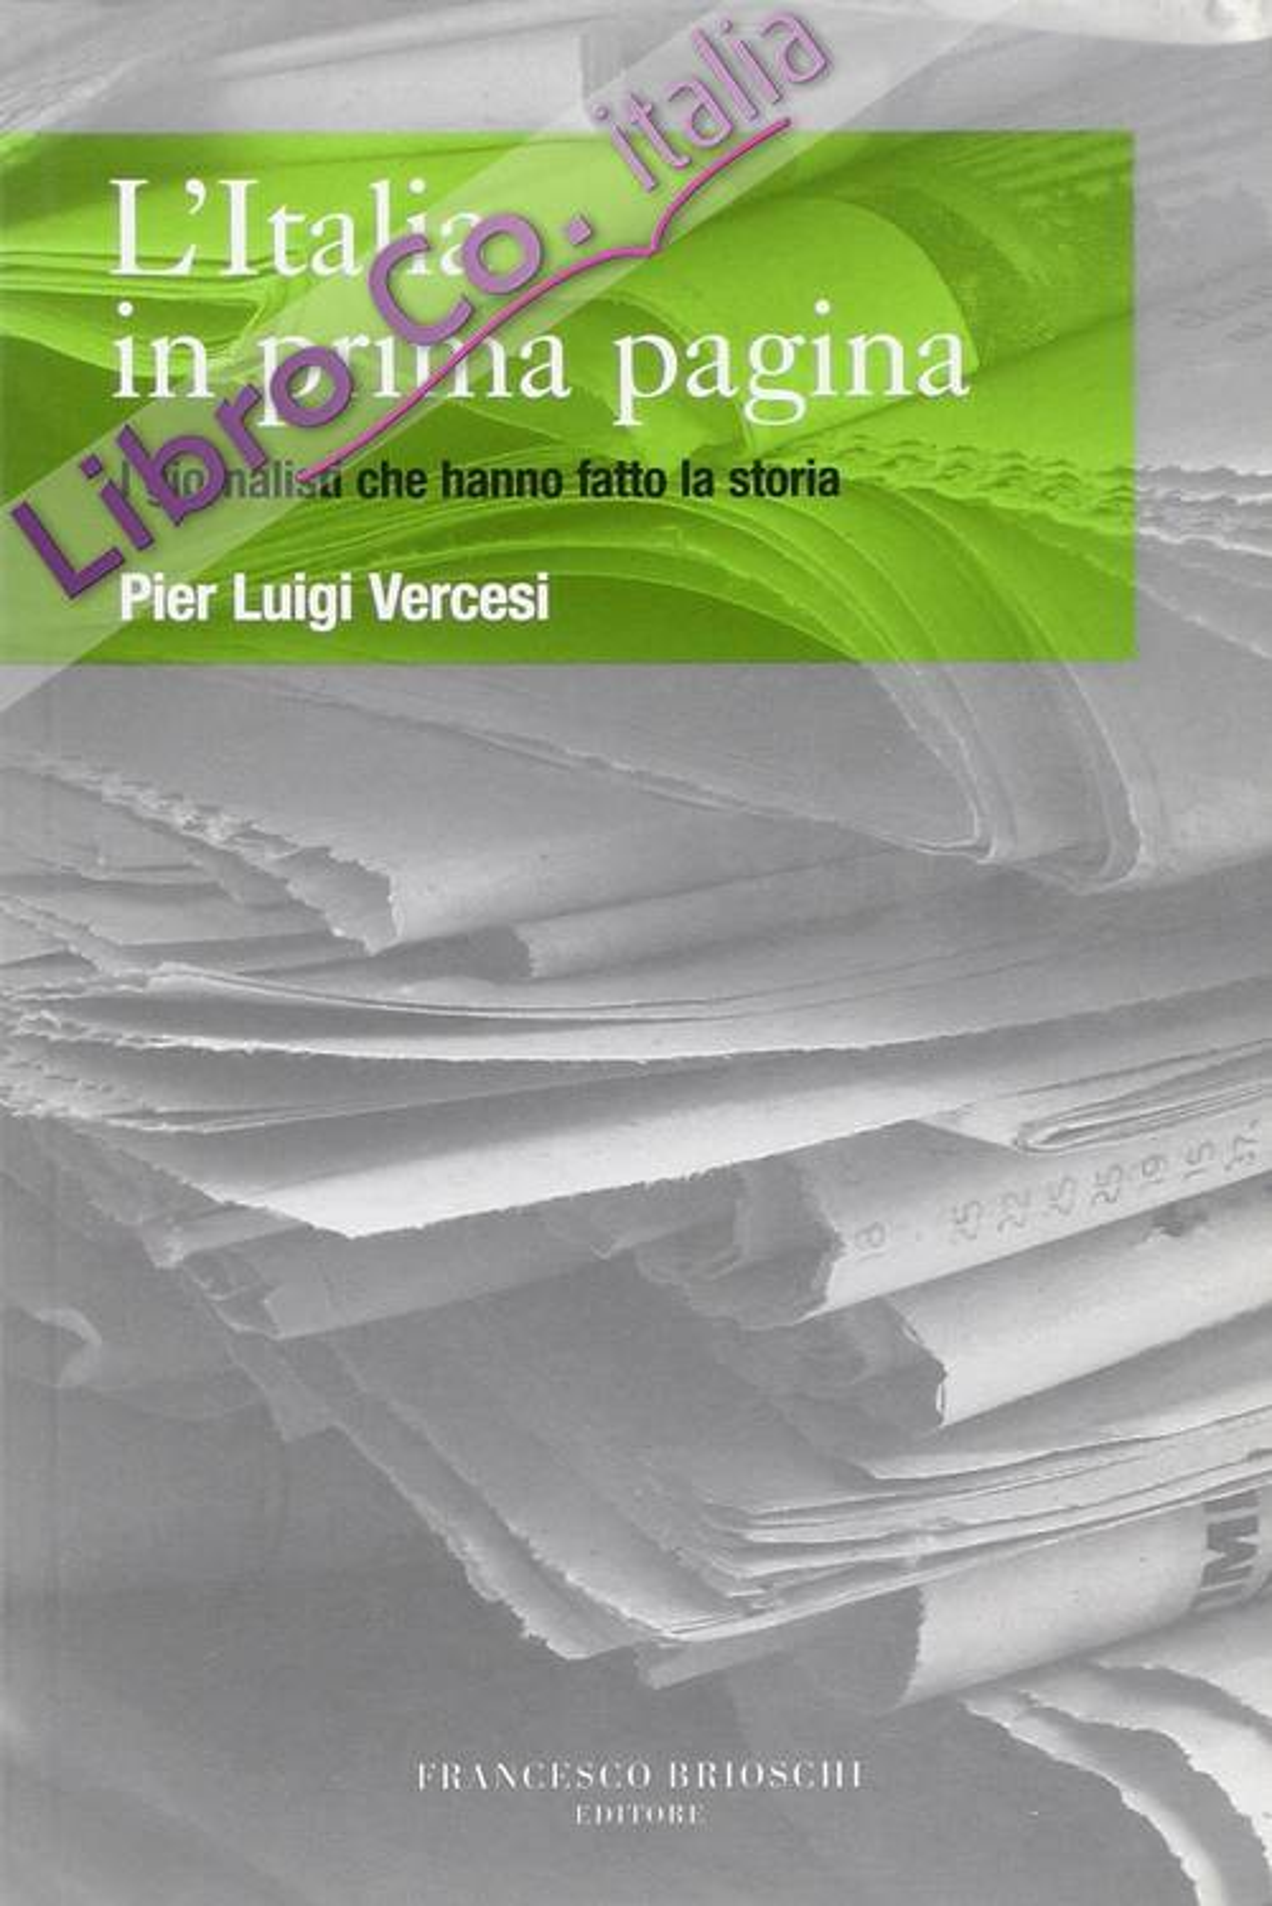 L'Italia in prima pagina.